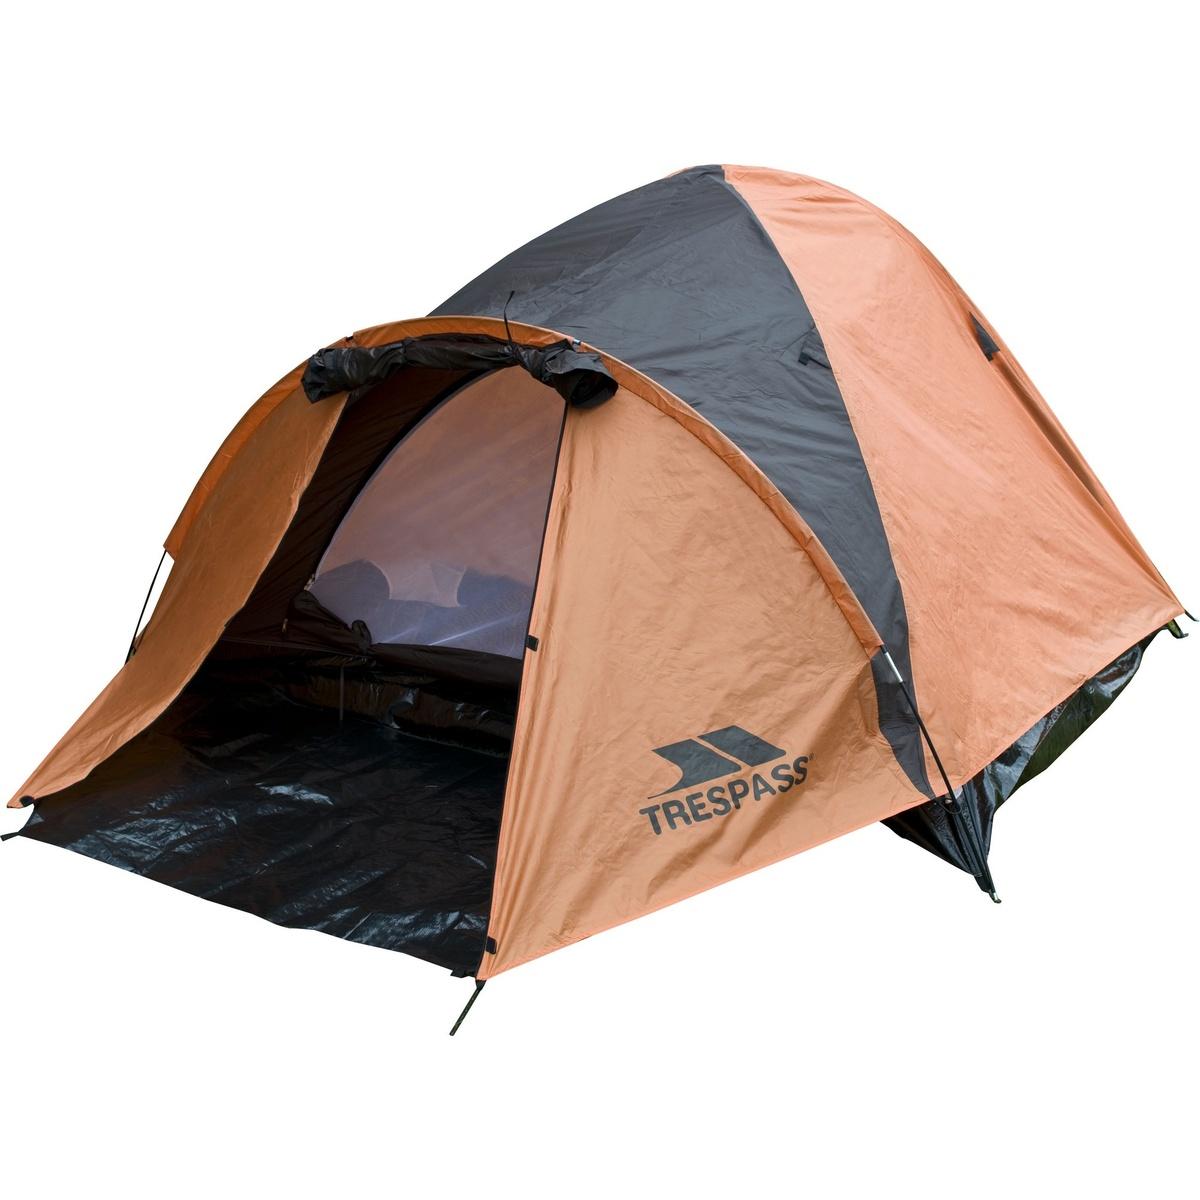 (トレスパス) Trespass Ghabhar 4人用 ダブルスキン テント キャンプ アウトドア 【海外直送】